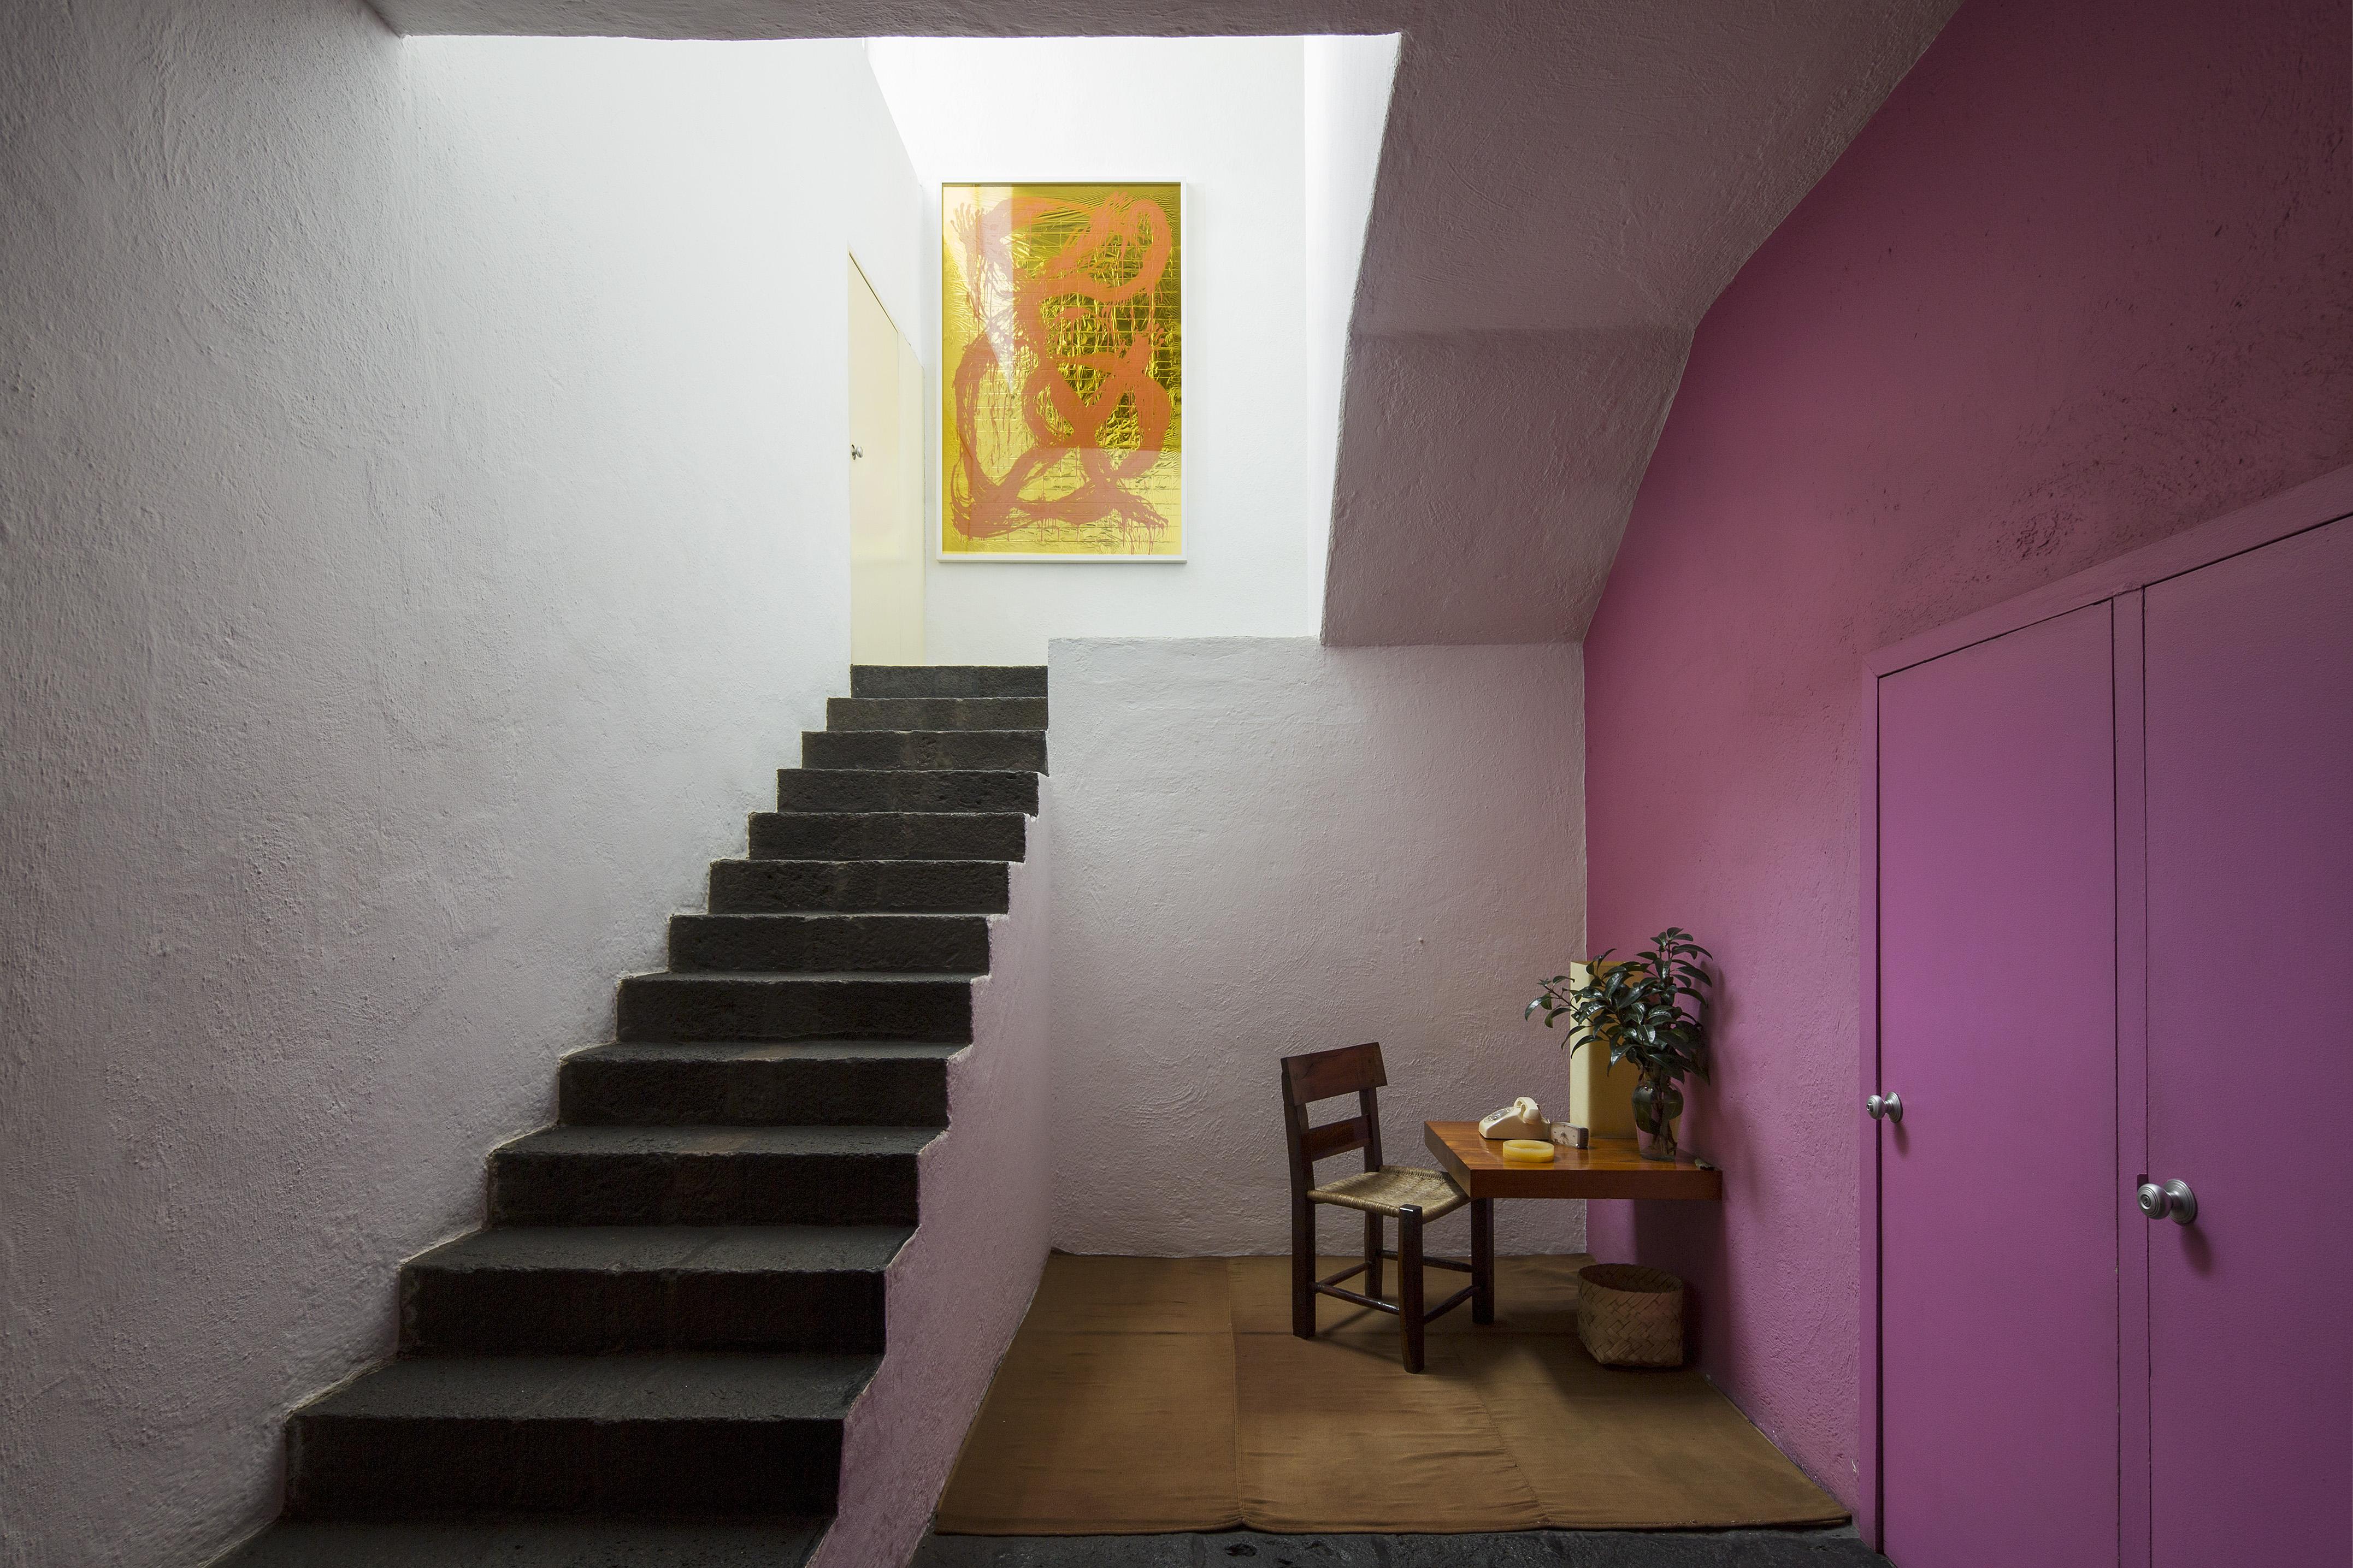 """Emisarios de cosas abandonadas por los dioses"""", la nueva exposición en Casa  Luis Barragán   PICNIC"""